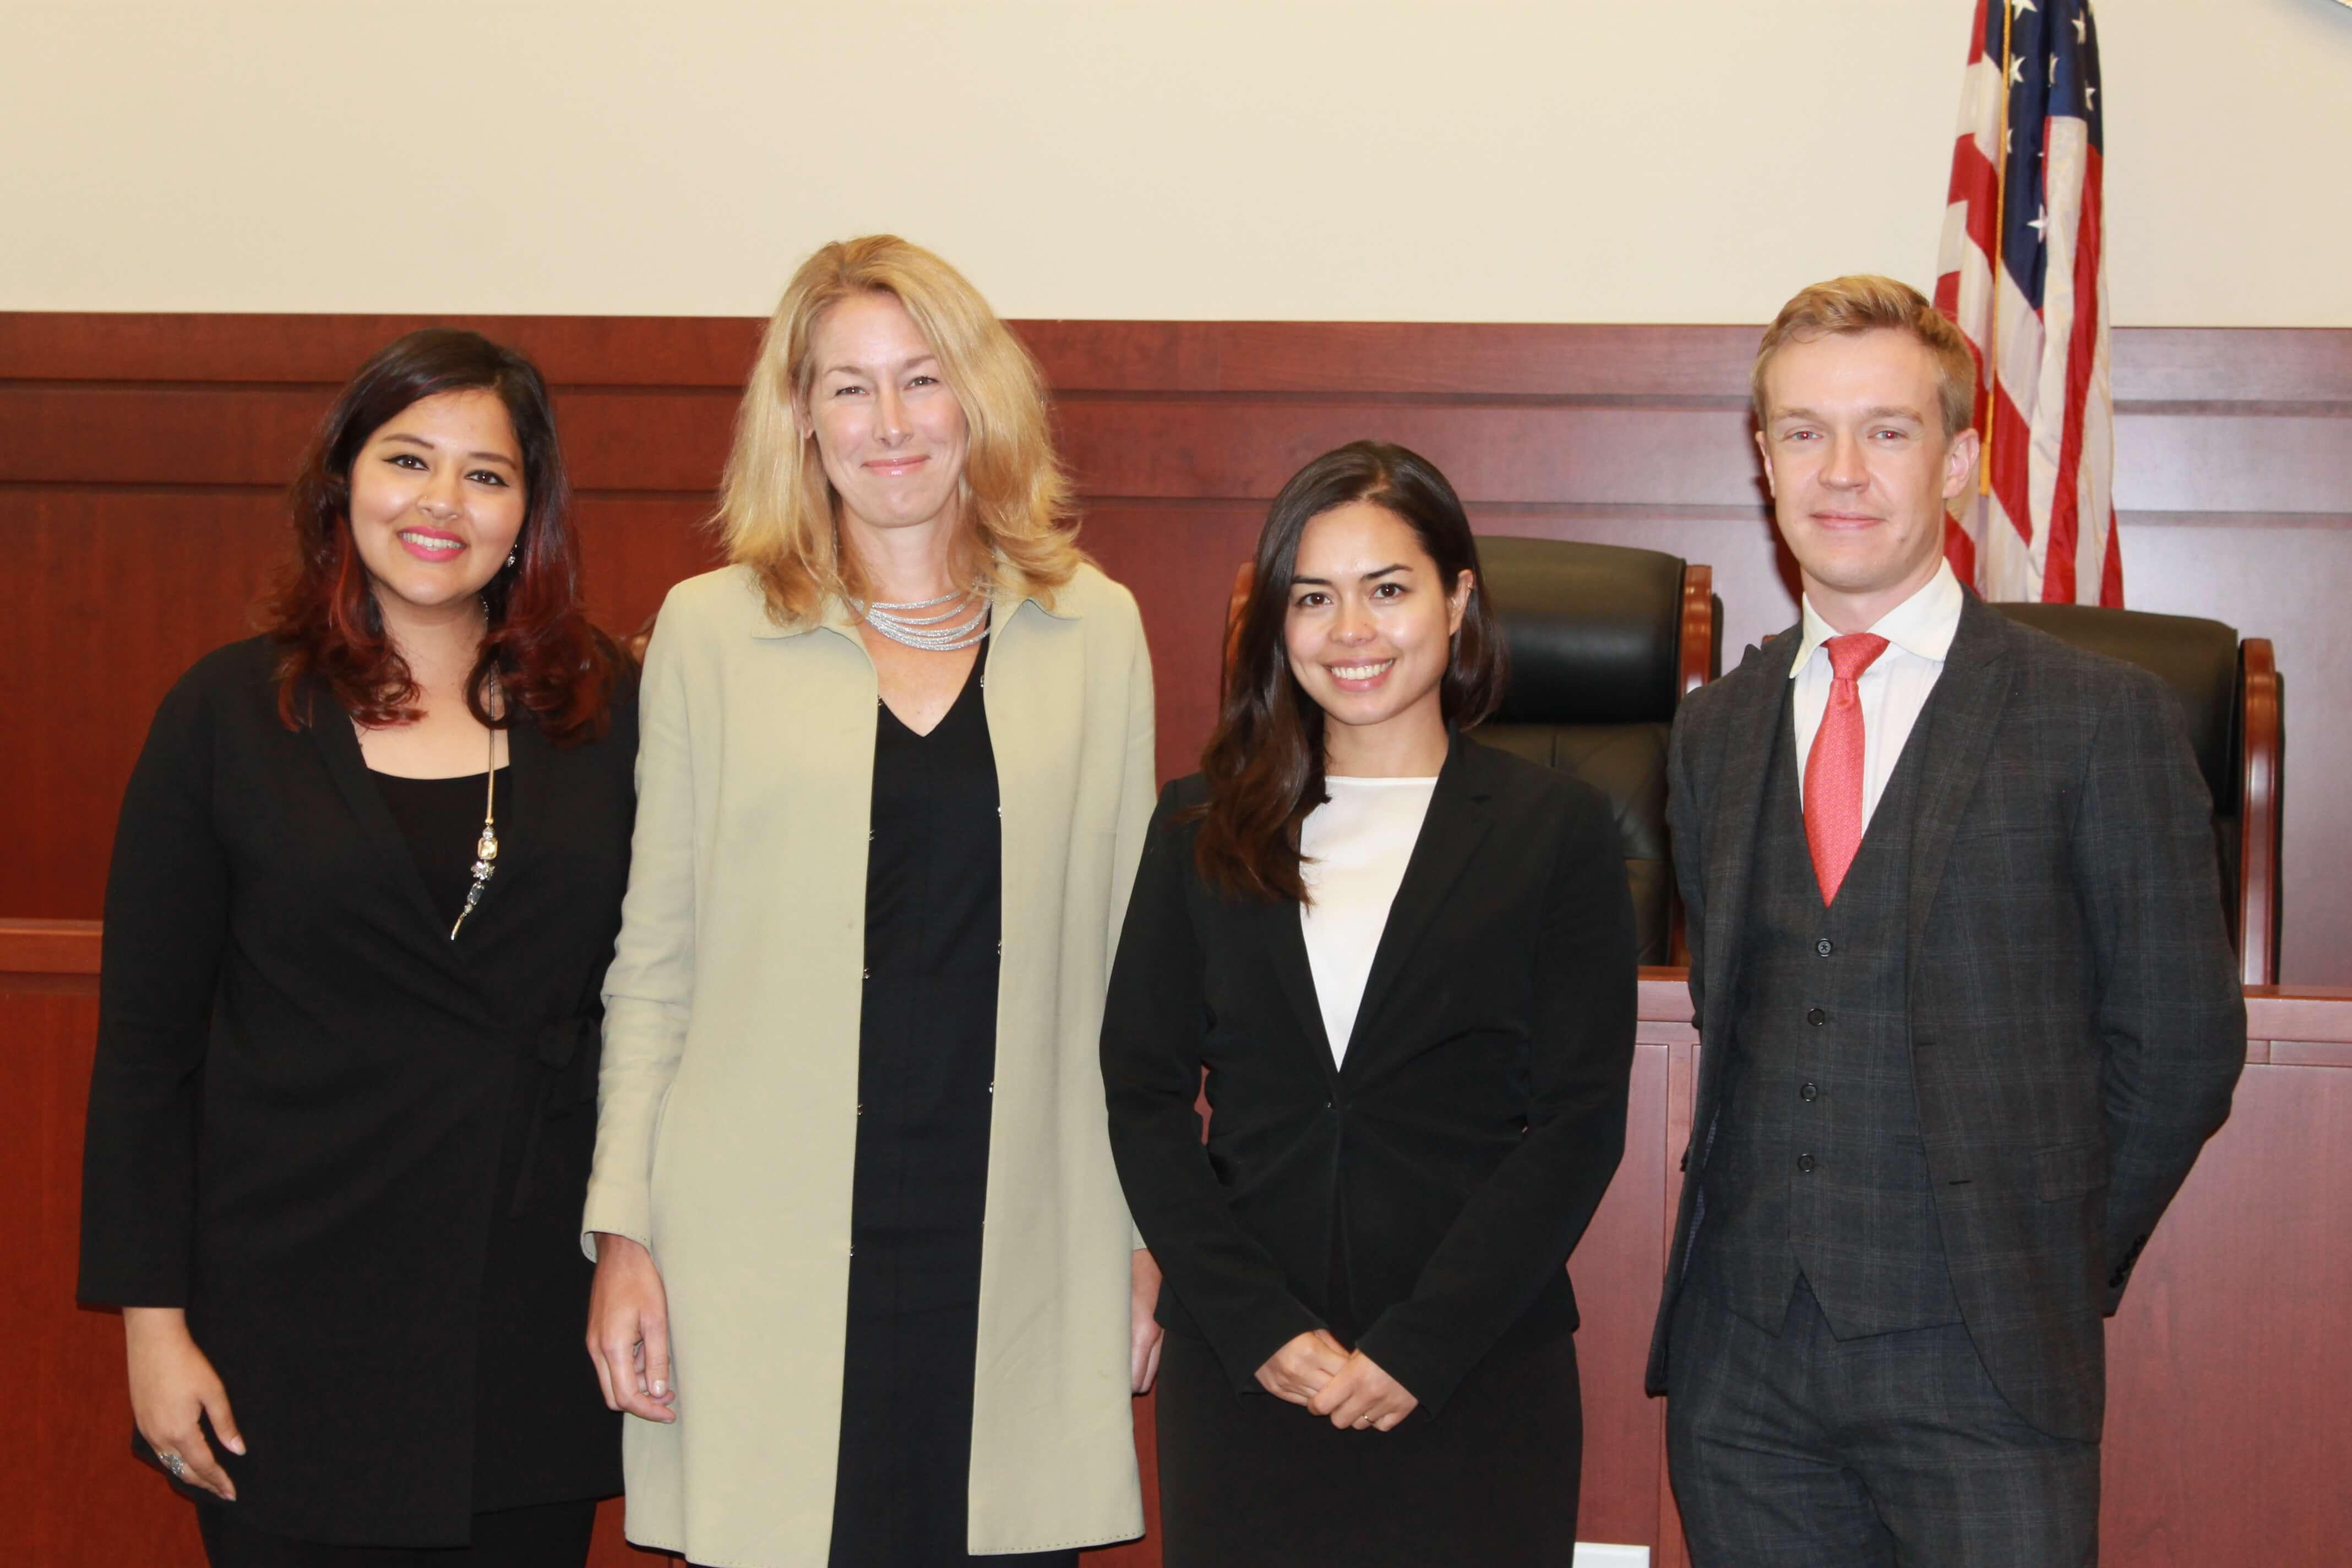 4 advocates standing